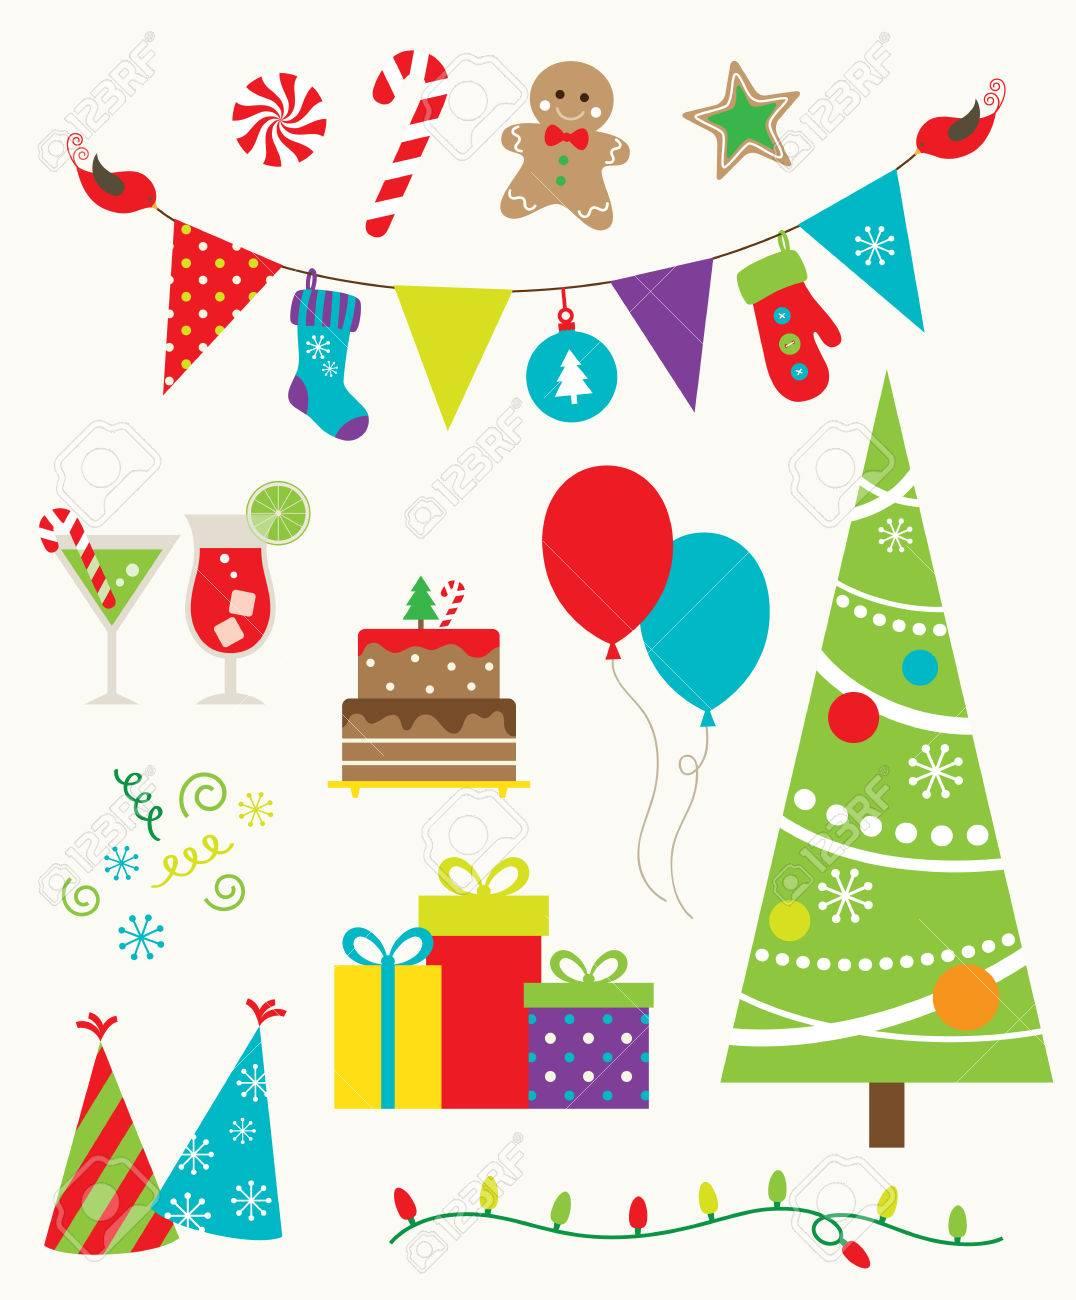 クリスマス パーティーのためのデザイン要素のベクトル イラスト